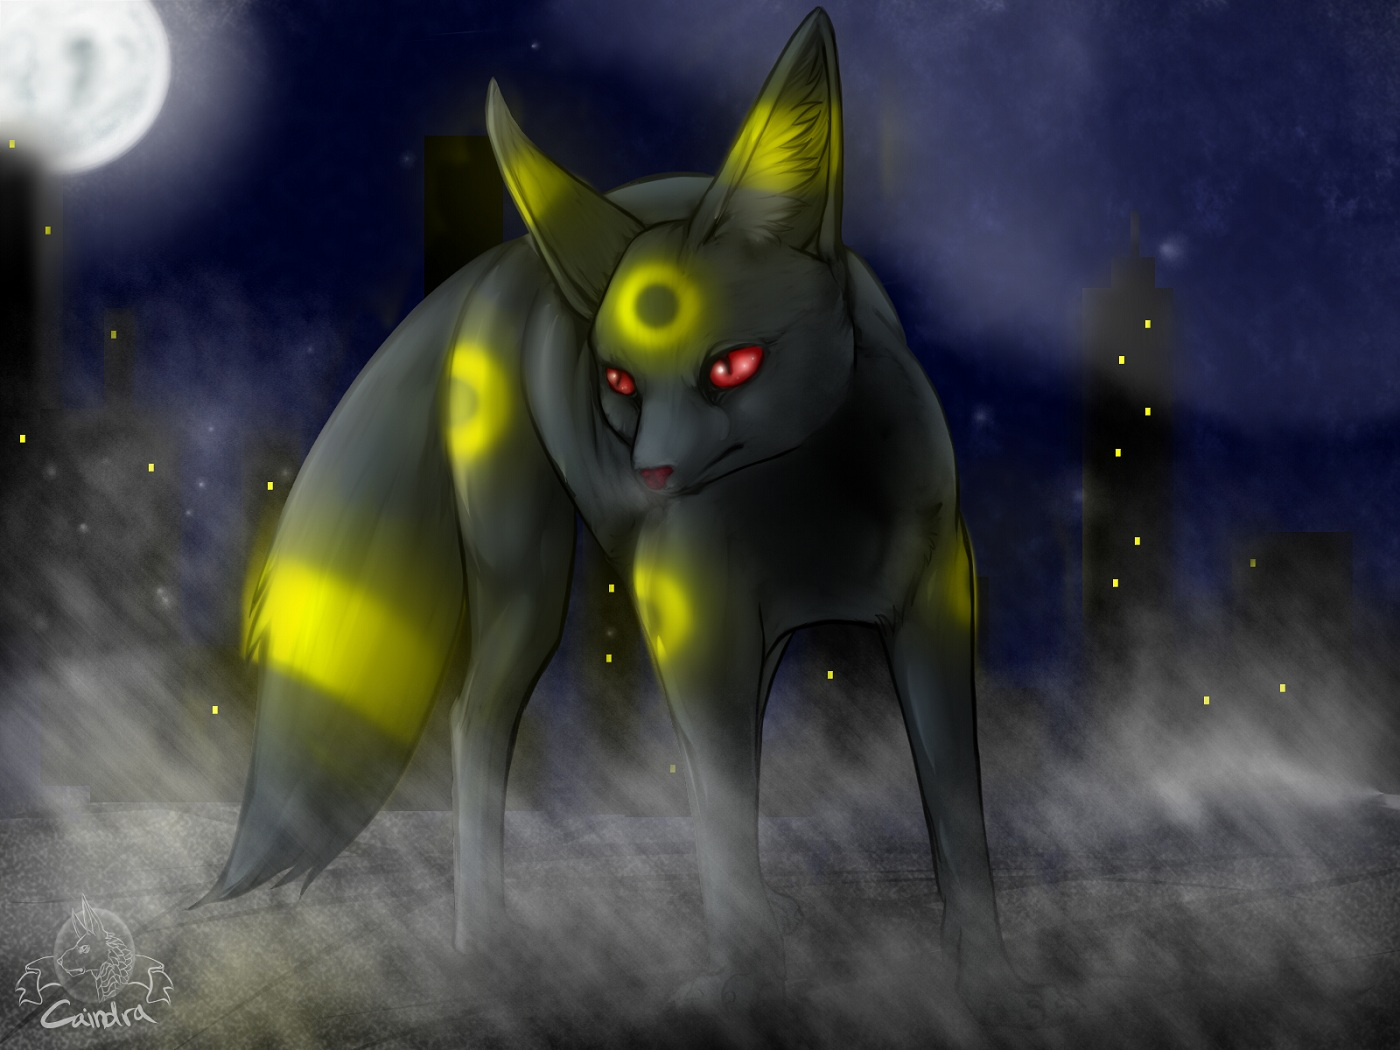 Zeichnung Umbreon Pokémon Fanart